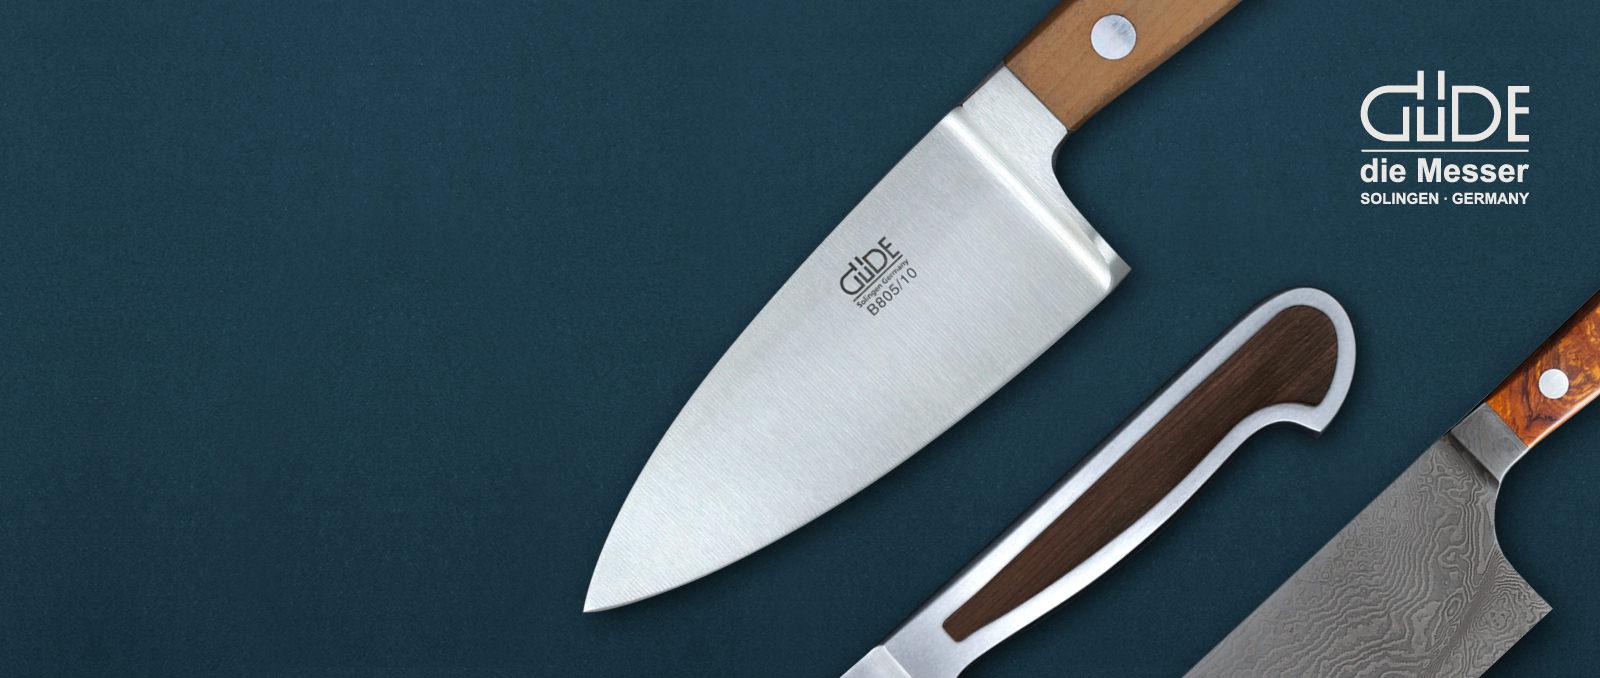 Programm Güde - Schleiferei Balwinski - Güde Messer online kaufen